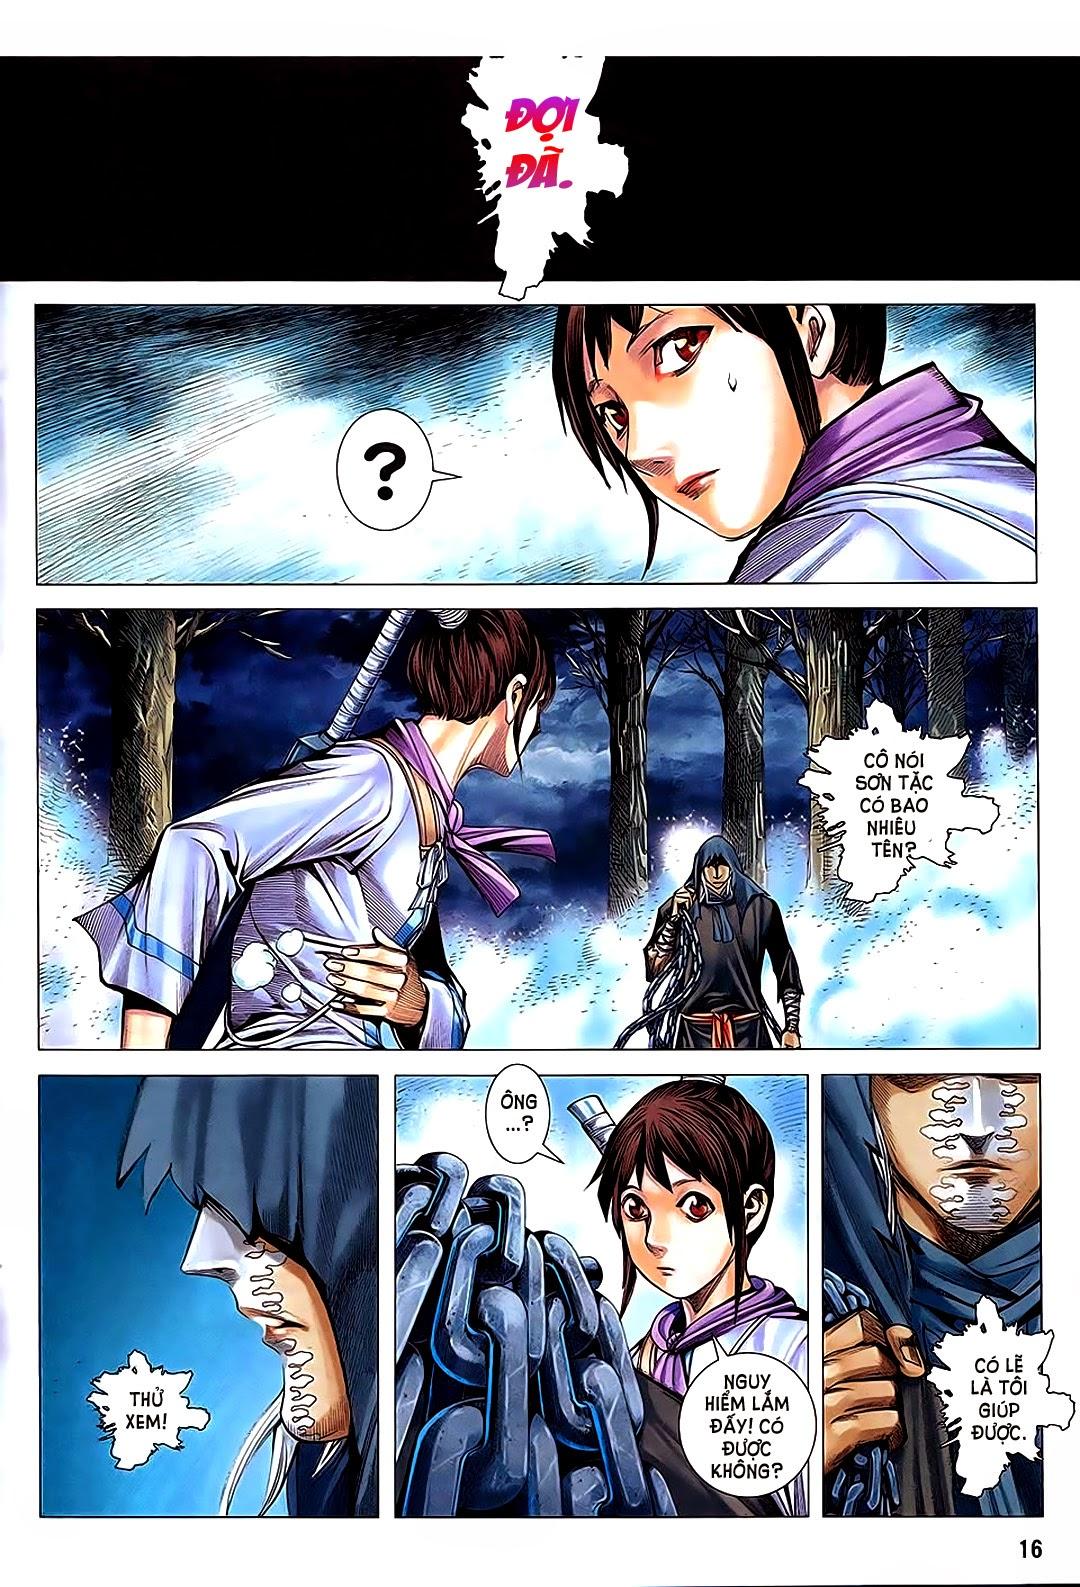 Phong Thần Ký chap 182 – End Trang 16 - Mangak.info